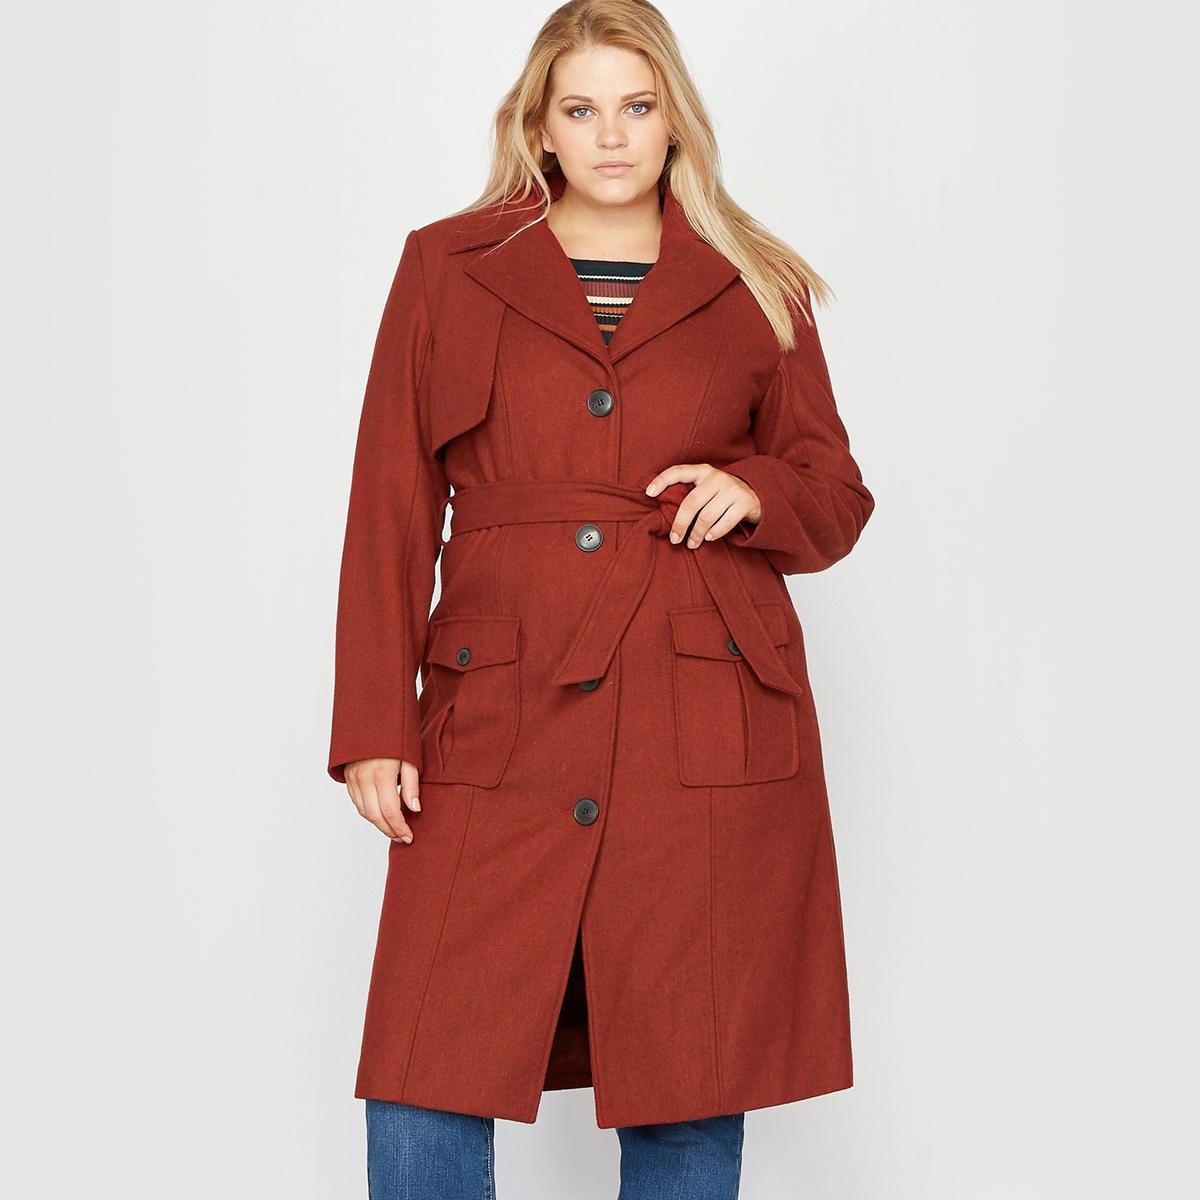 Пальто стилизовано под тренч, 40 % шерсти